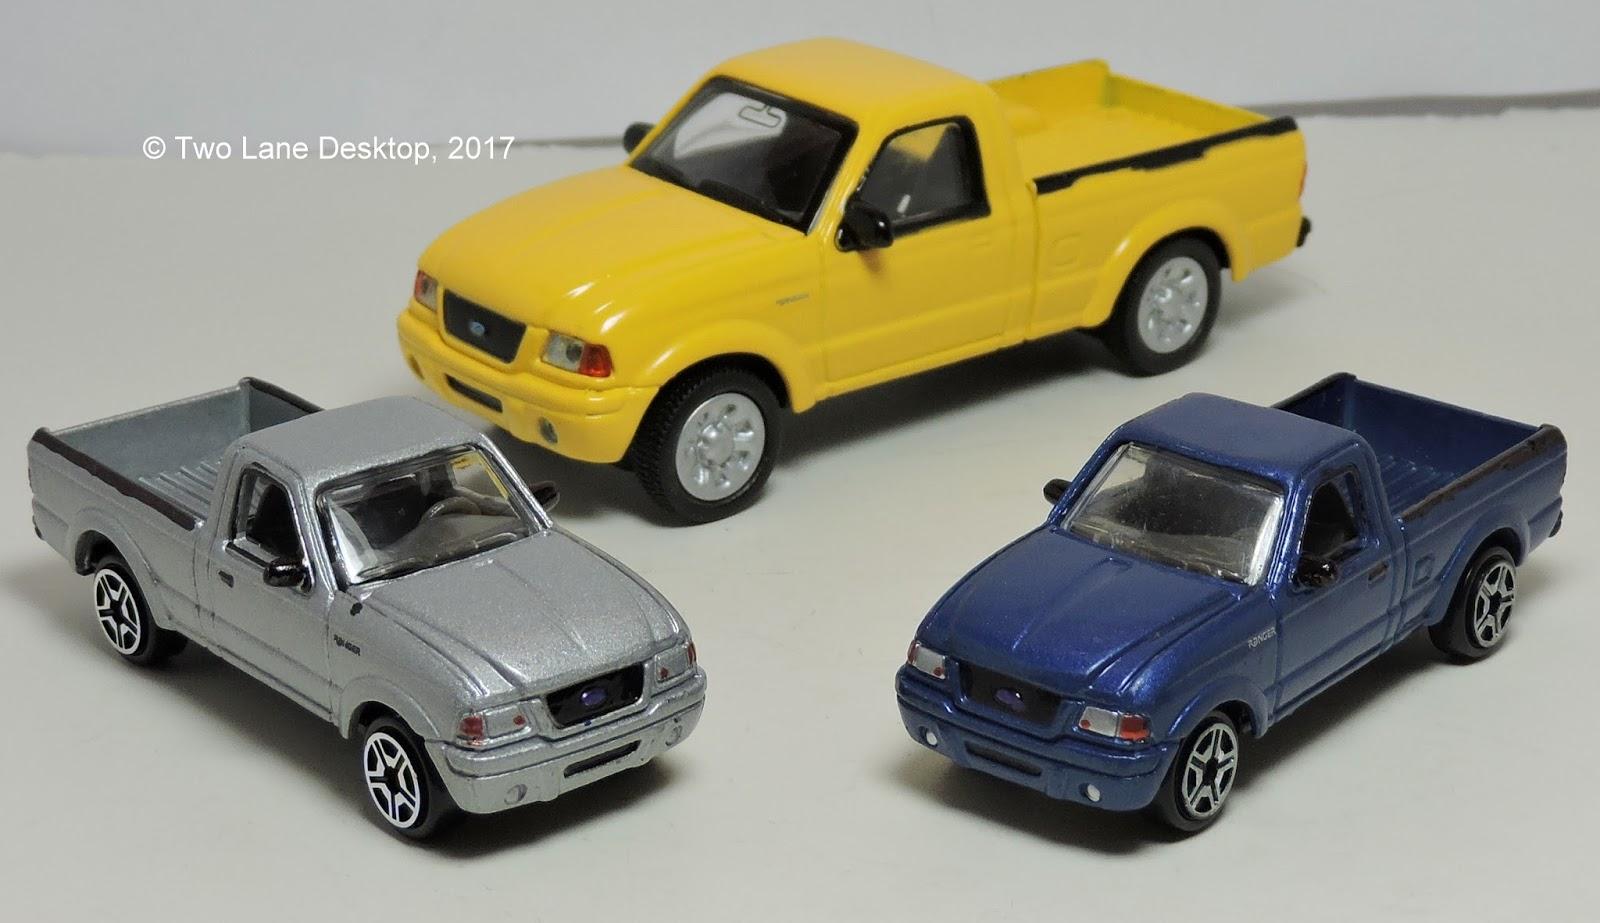 Two Lane Desktop: Motormax 1:43 And 1:64 2001 Ford Ranger